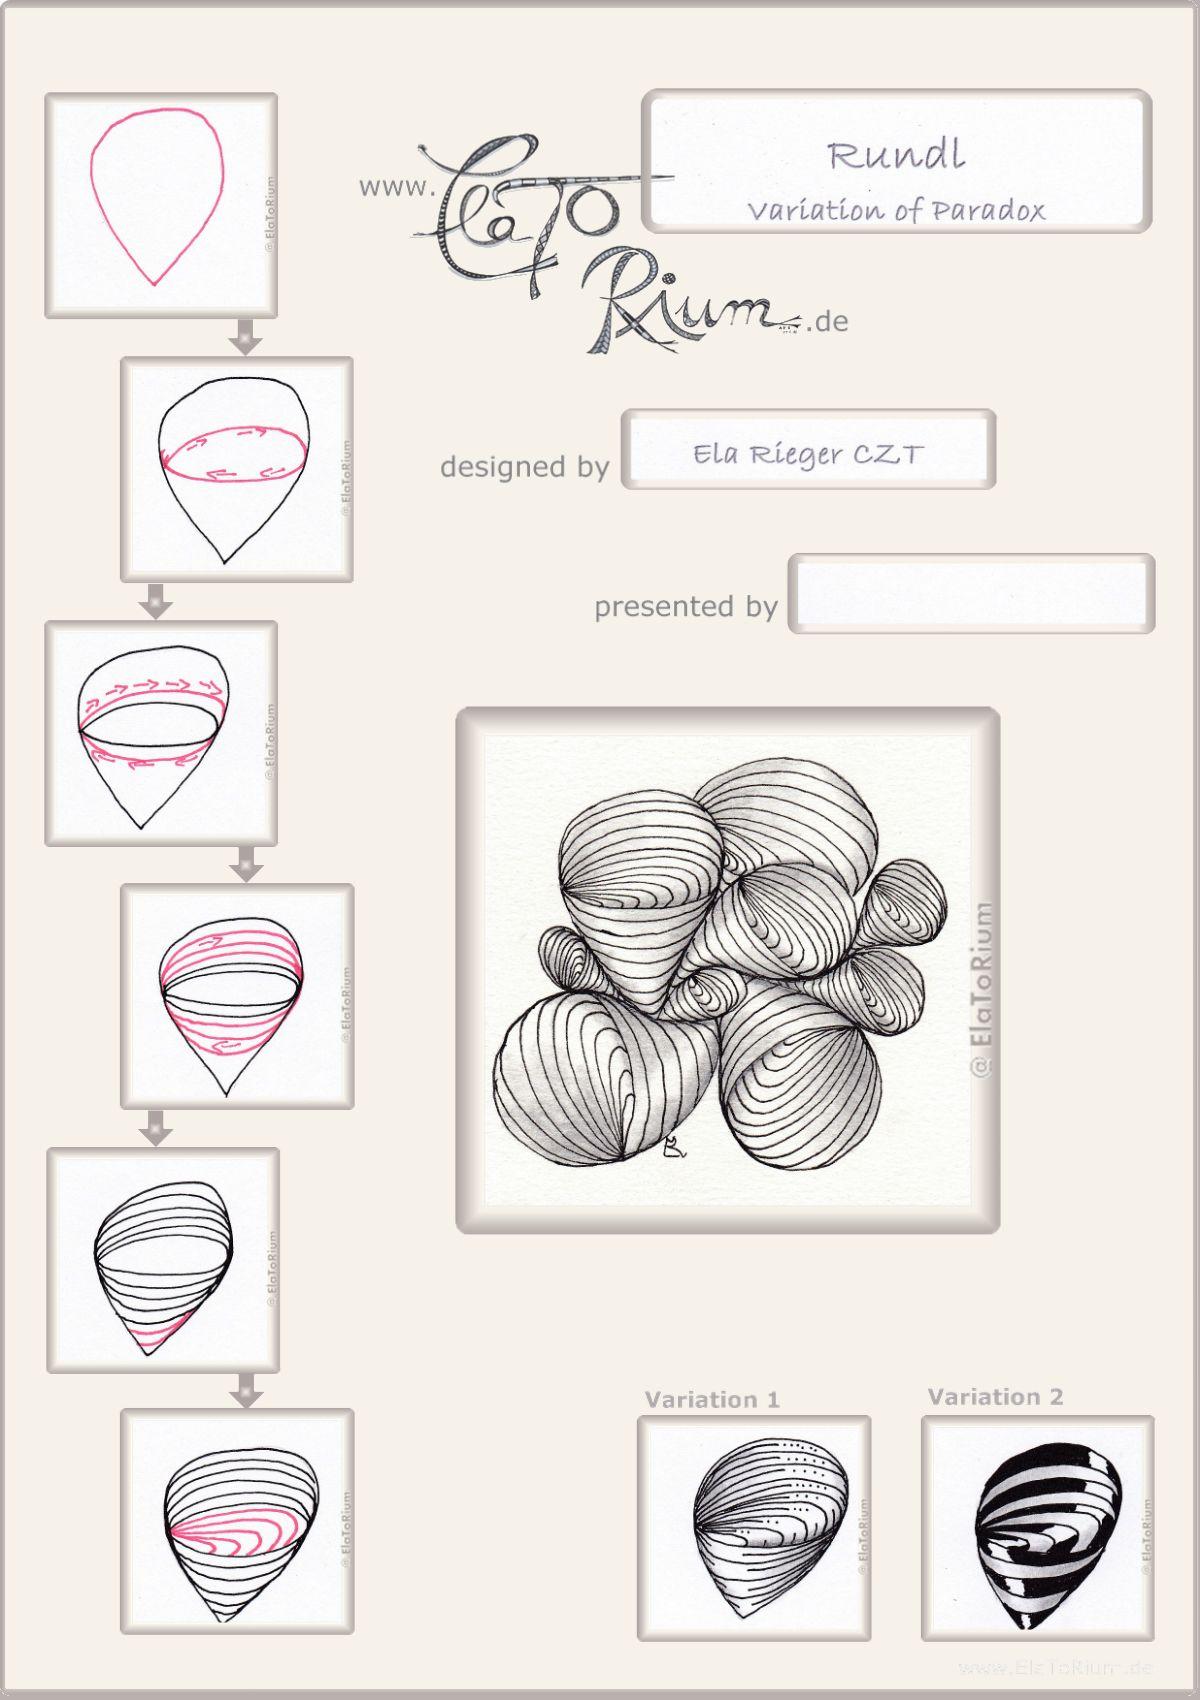 Zentangel Und Zentangle Inspired Art Gezeichnet Von Ela Rieger Mit